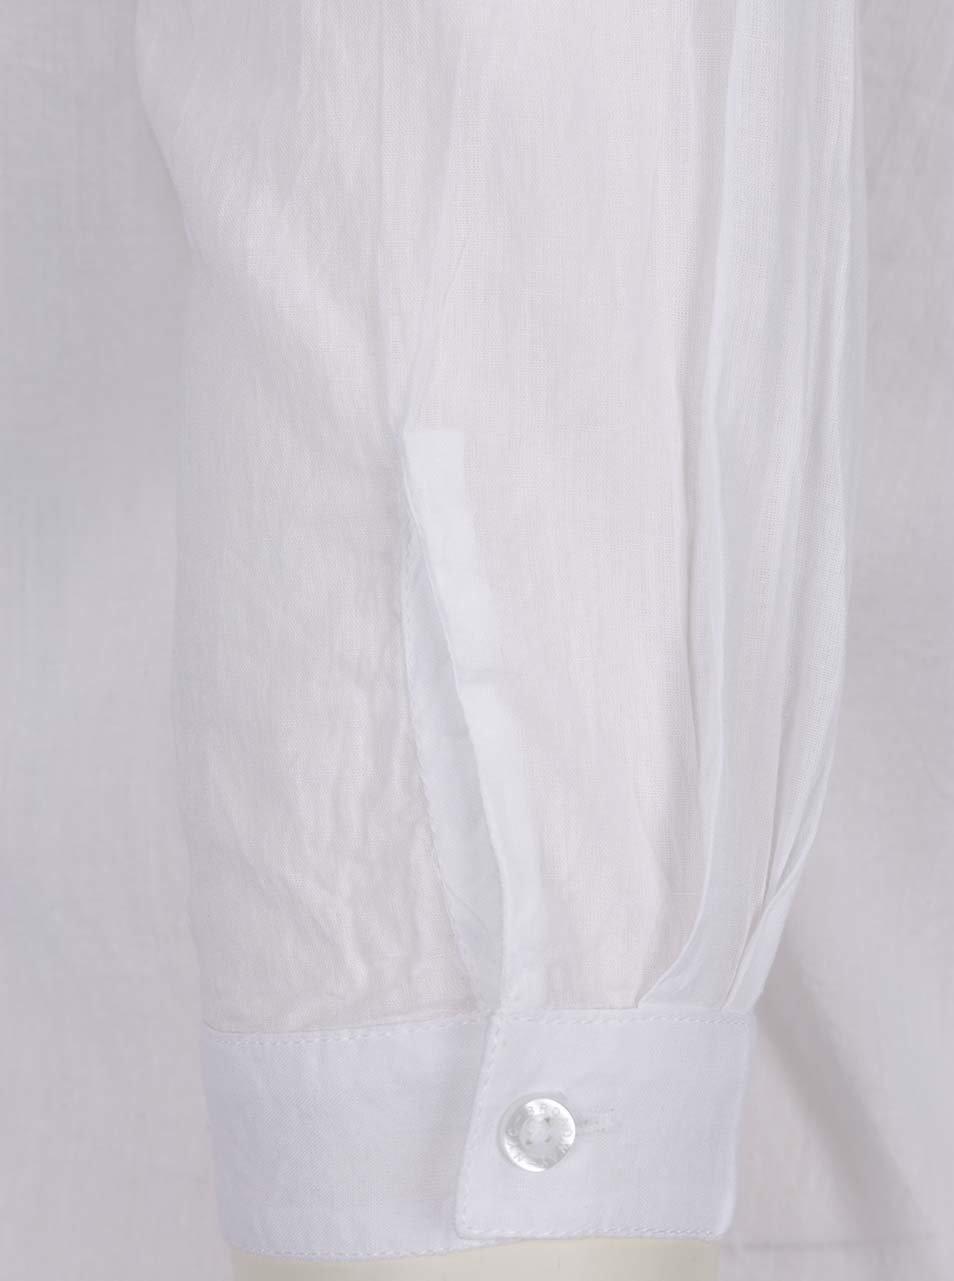 8a39ff196c13 Biela dámska voľná košeľa s čipkou na chrbte Broadway Fairlie ...